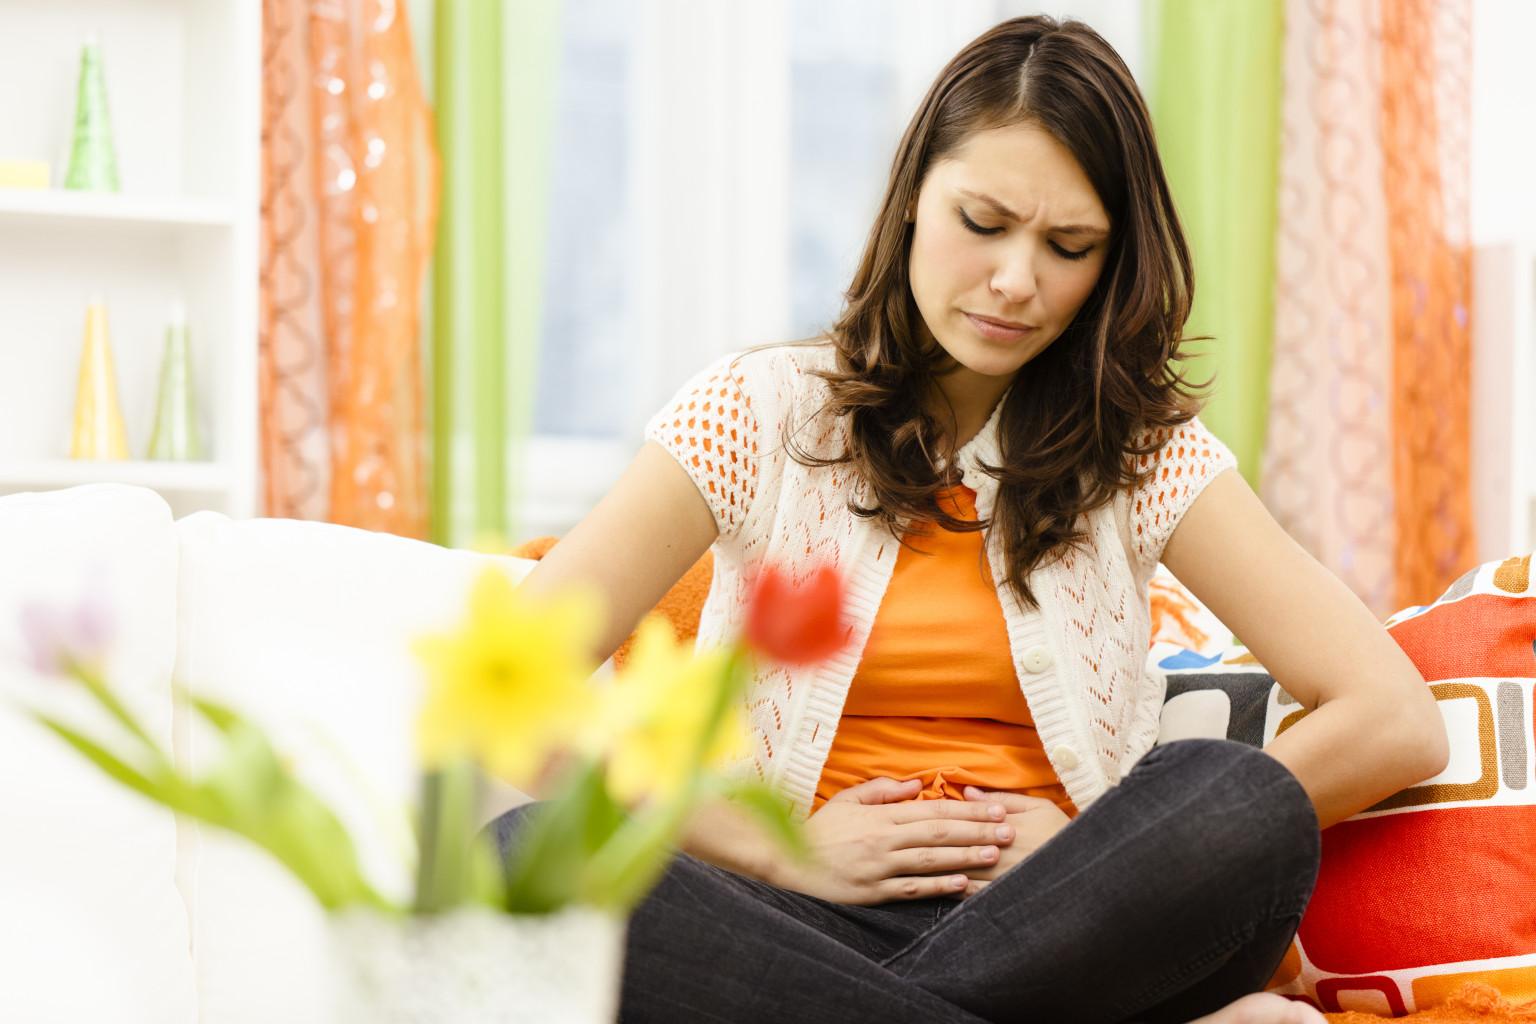 Вместо месячных скудные кровянистые выделения не беременна